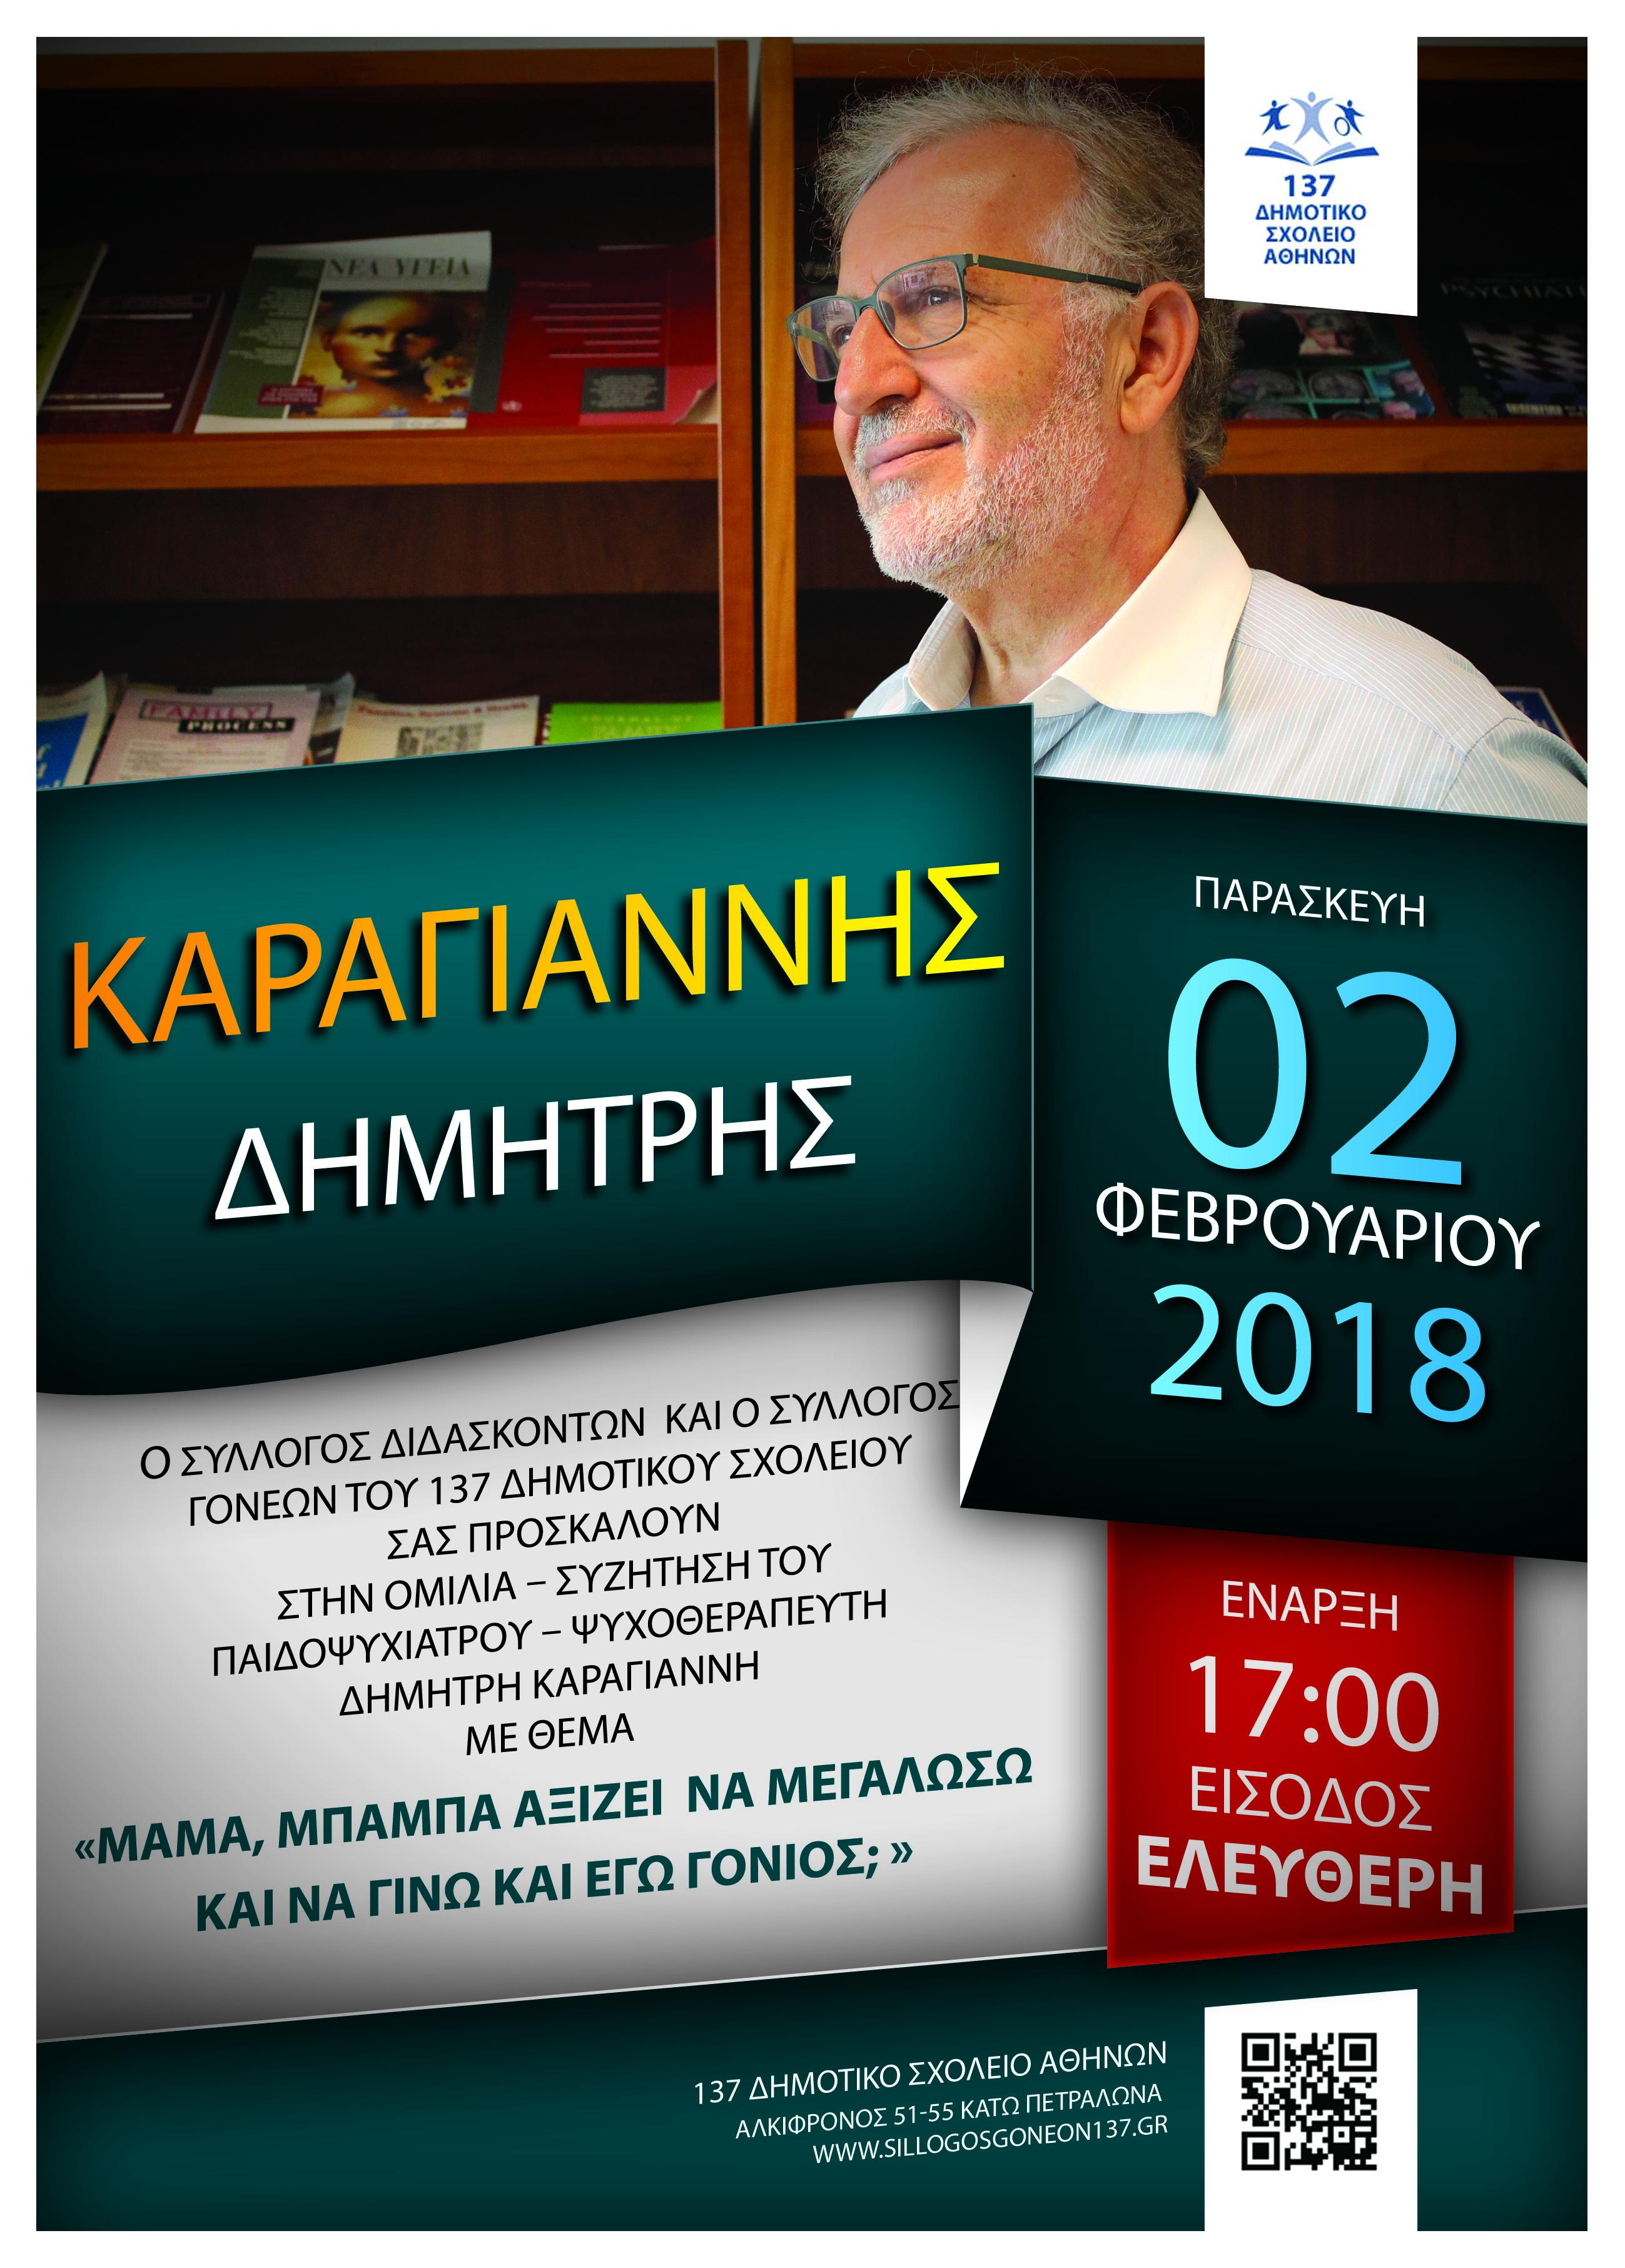 karagiannis_flyer2